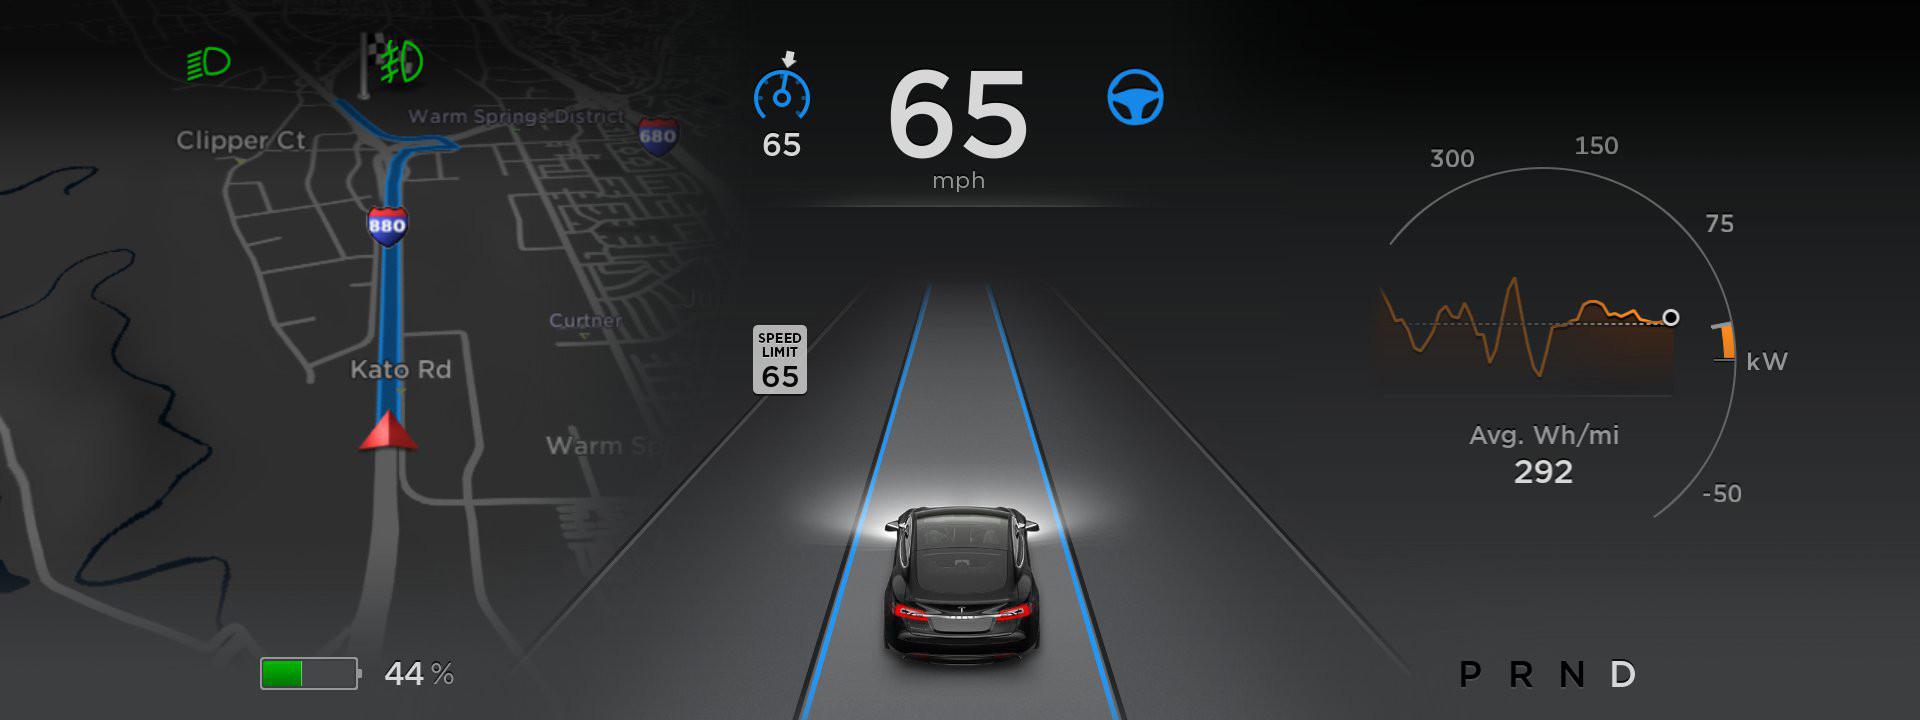 Amerikanske veimyndigheter skal undersøke om Teslas teknologi har skyld i sjåførens død.